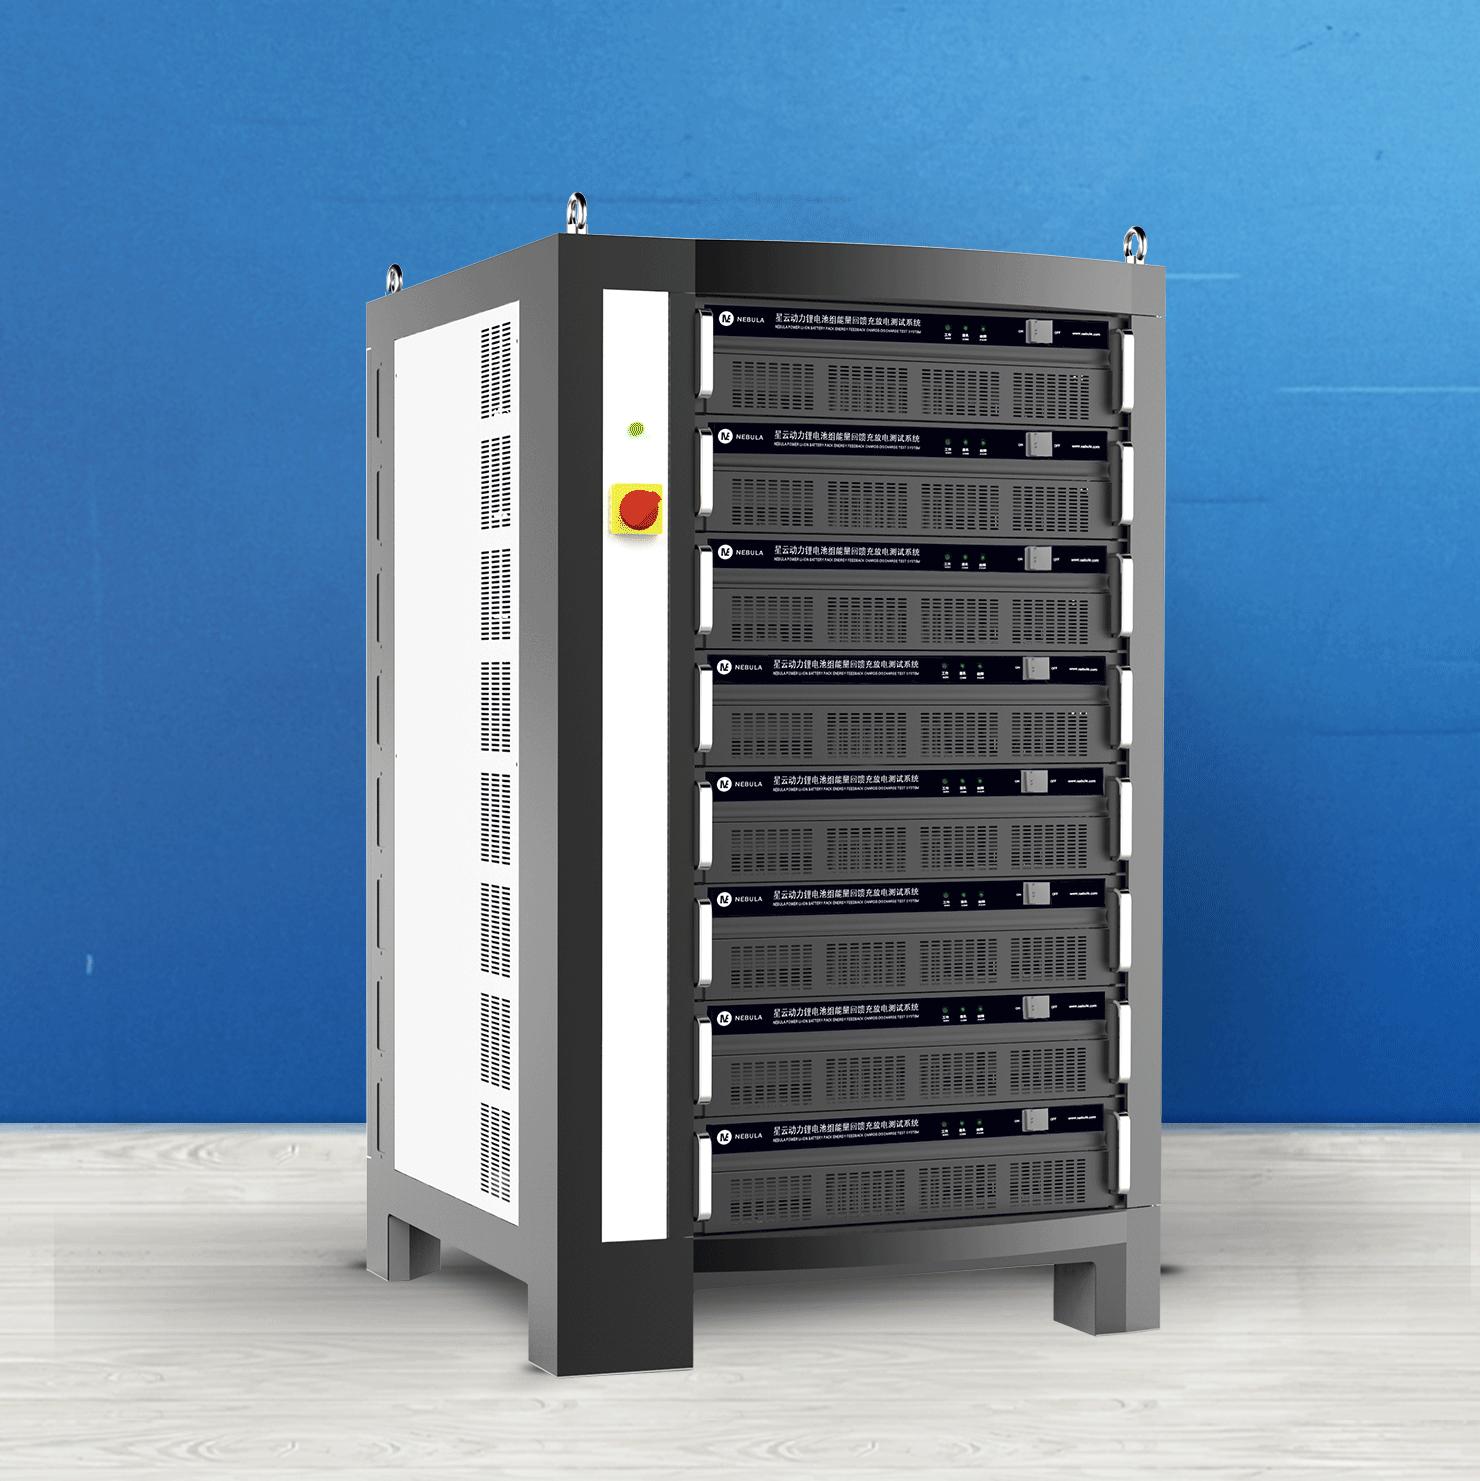 星云笔记本锂电池组充放电测试系统BAT-NELCT-201010-V001 Featured Image